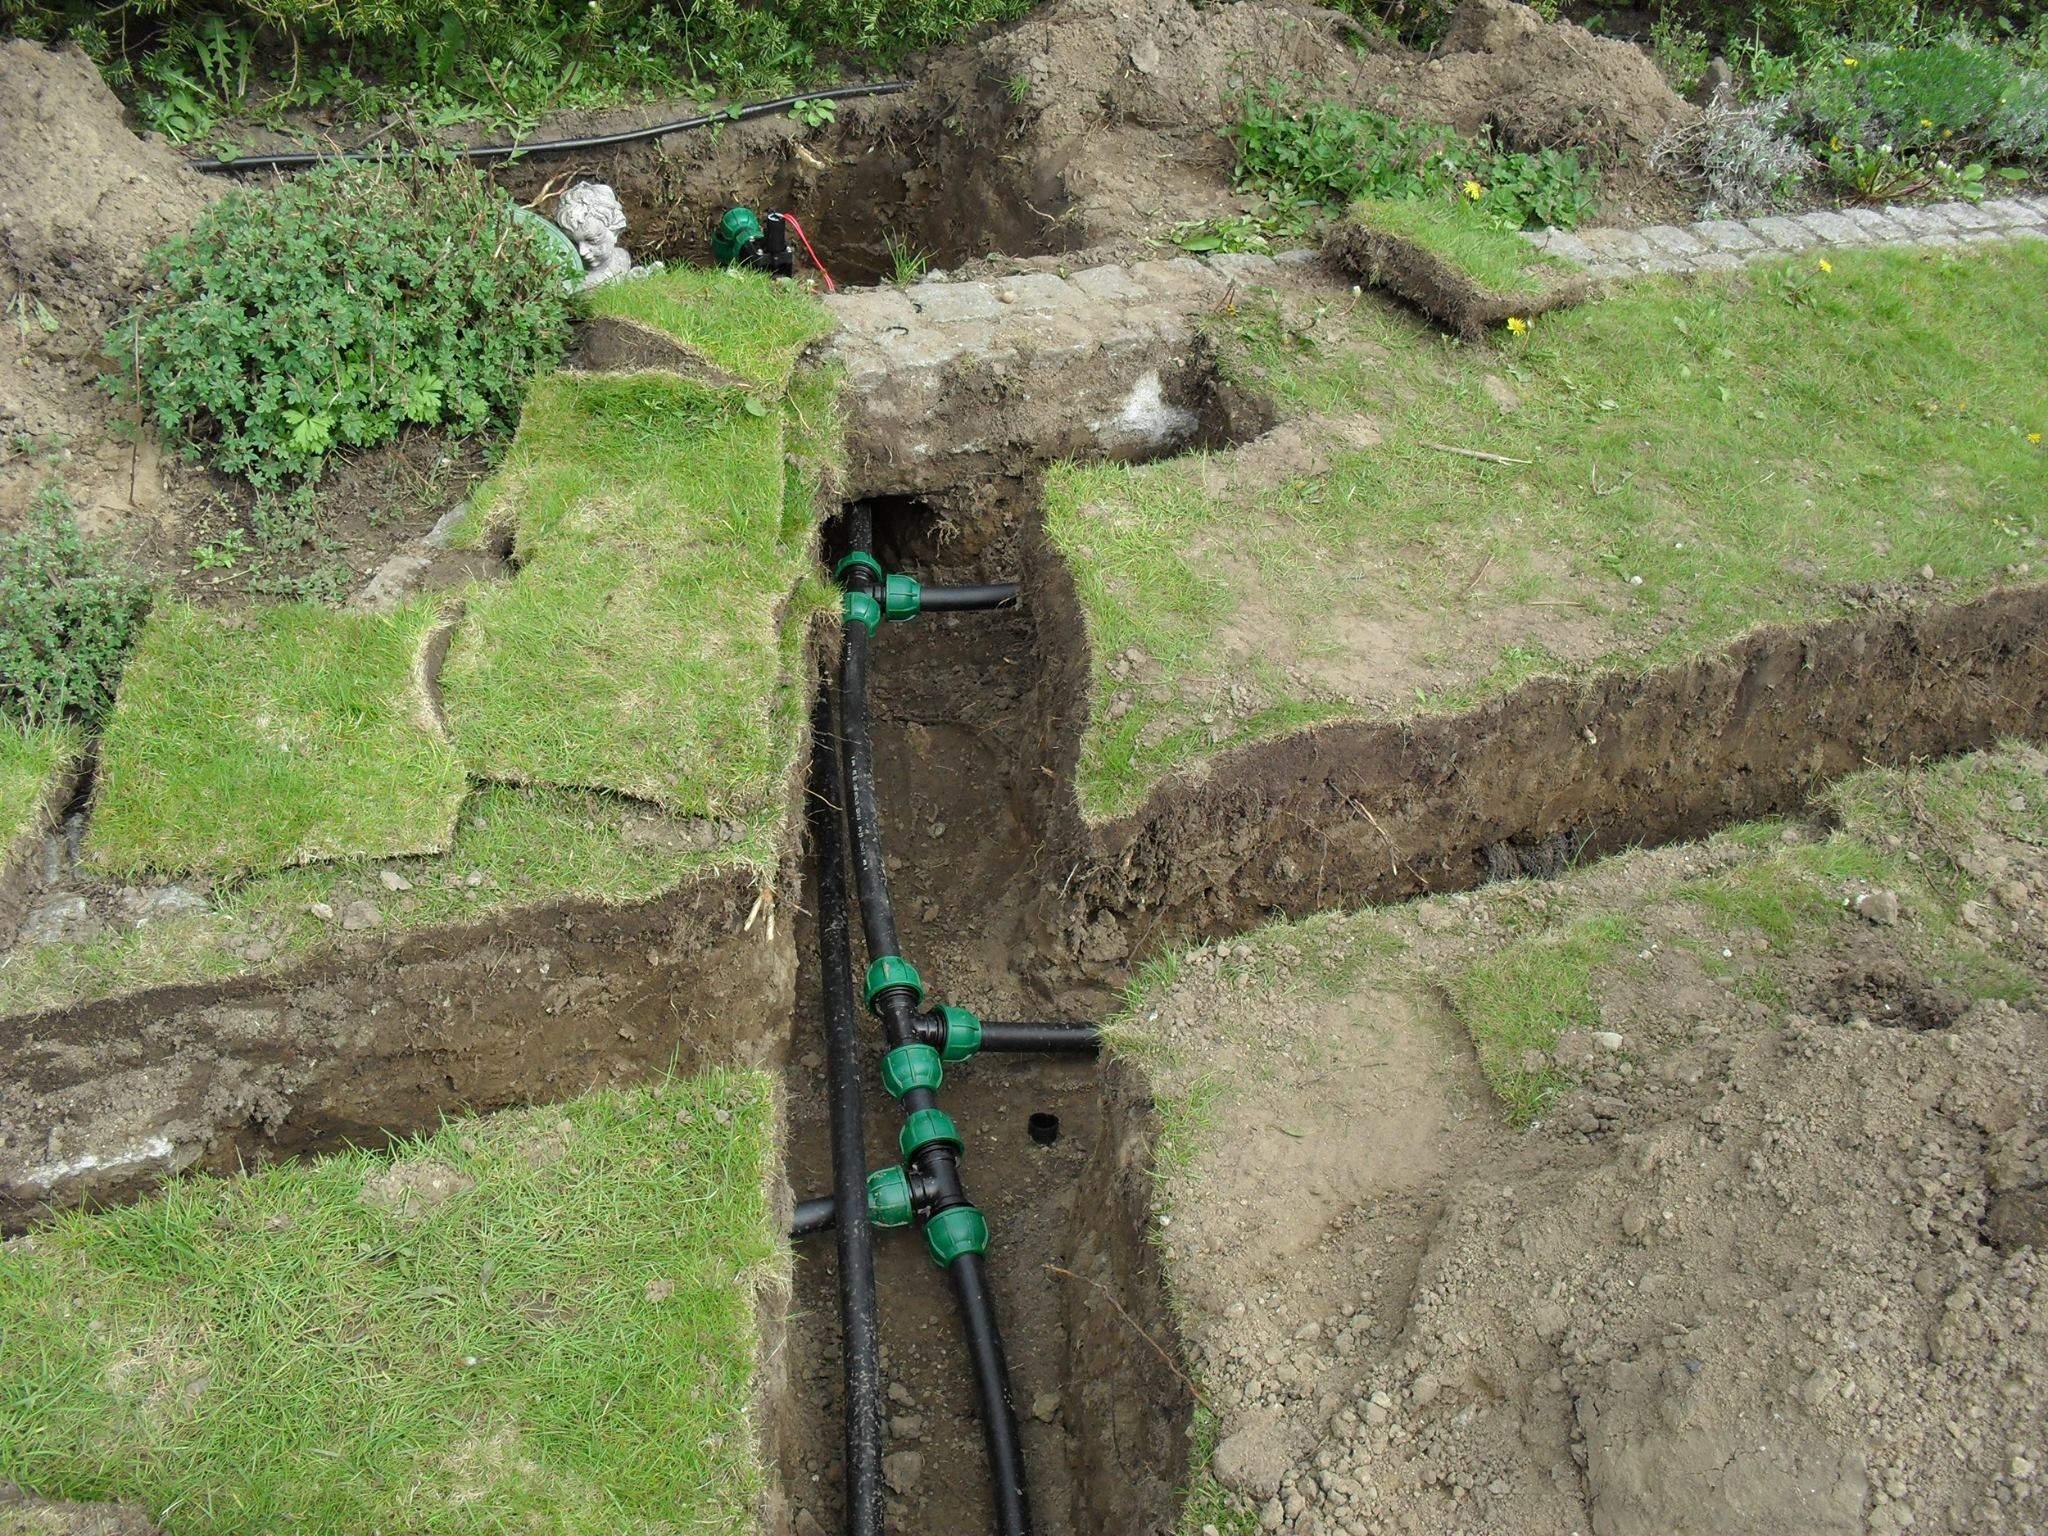 Garten Bewässerung Hunter Inspirierend Gartenbewässerung Hunter Rainpro